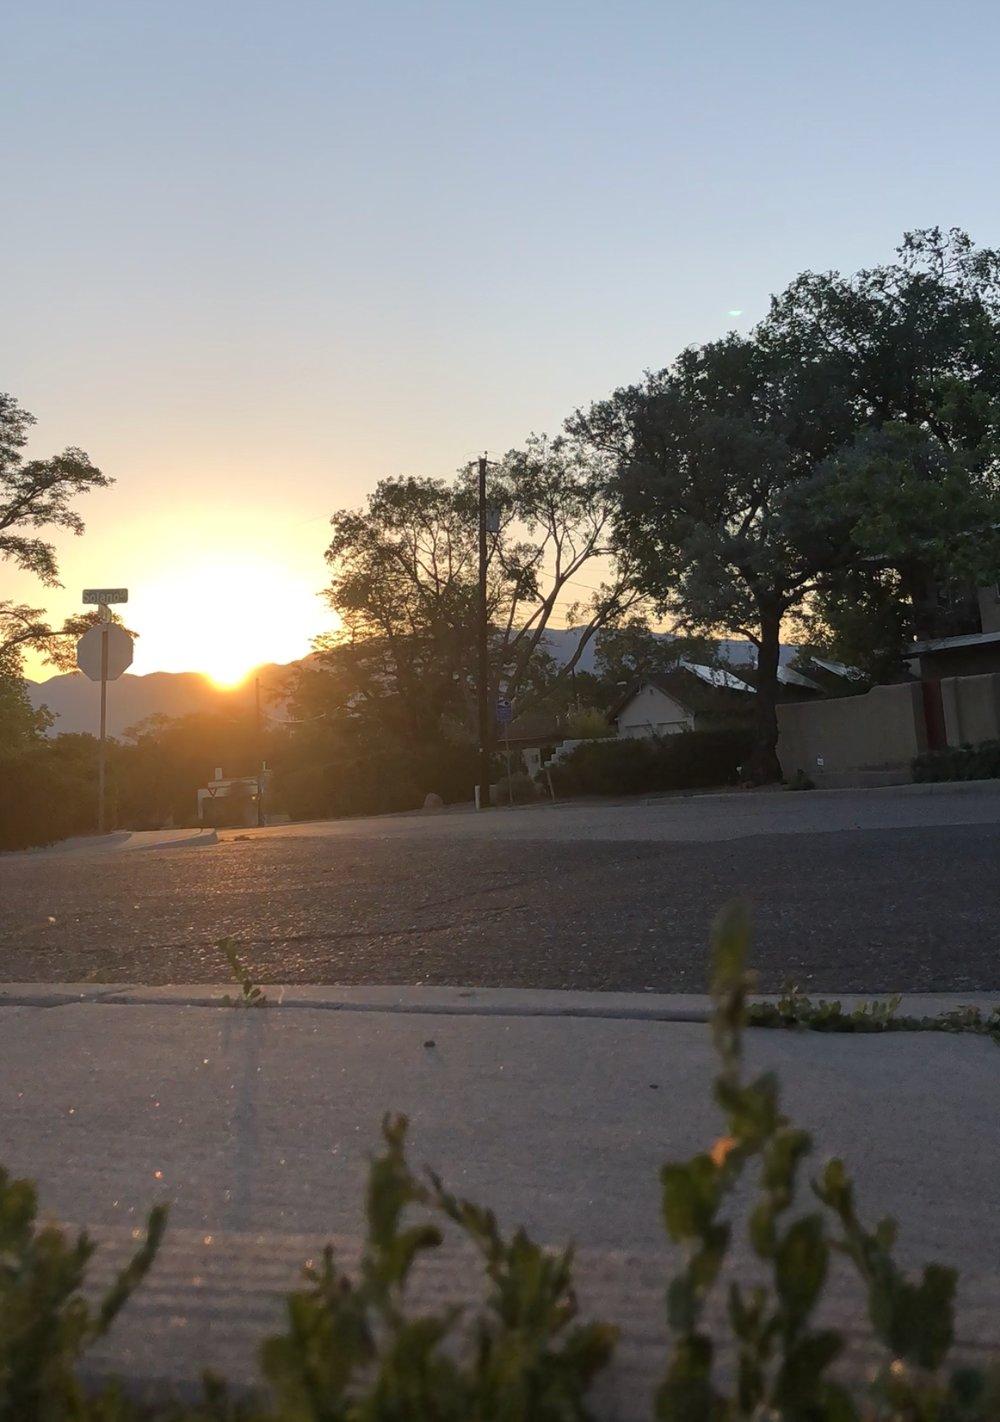 Sunrise, June 8, 2018 - Albuquerque, NM